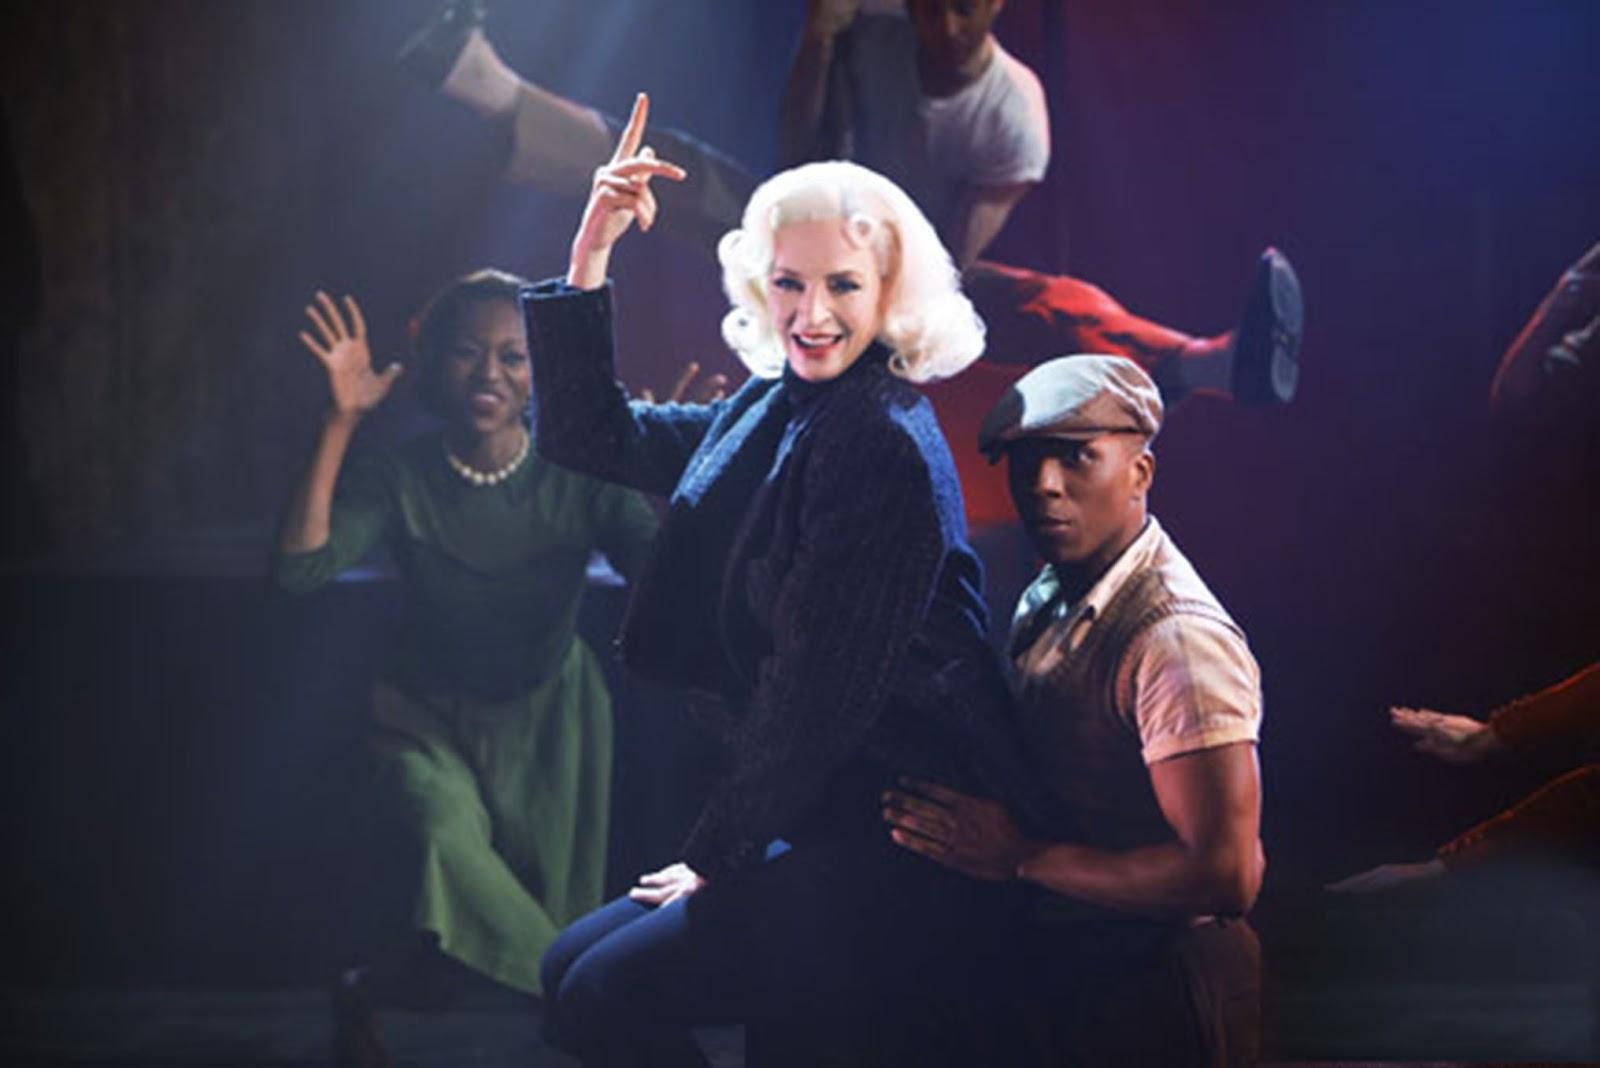 http://3.bp.blogspot.com/-awNB04p5pts/T4q4Om0aI0I/AAAAAAAA_tM/My8nwJvxvfE/s1600/Marilyn-Monroe3.jpg